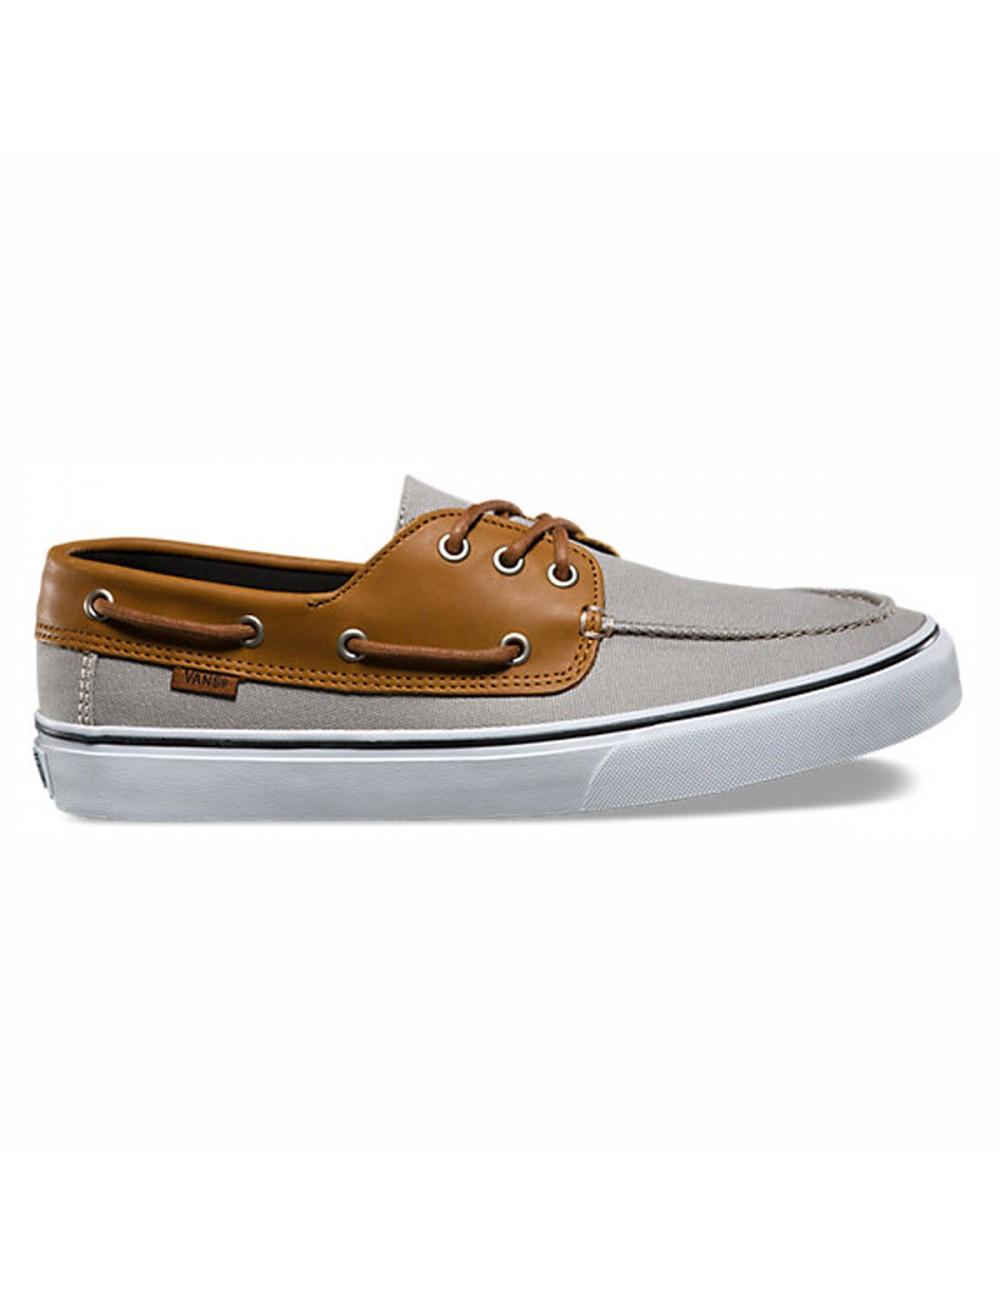 Vans Chauffeur SF Shoes - Drizzl_11454